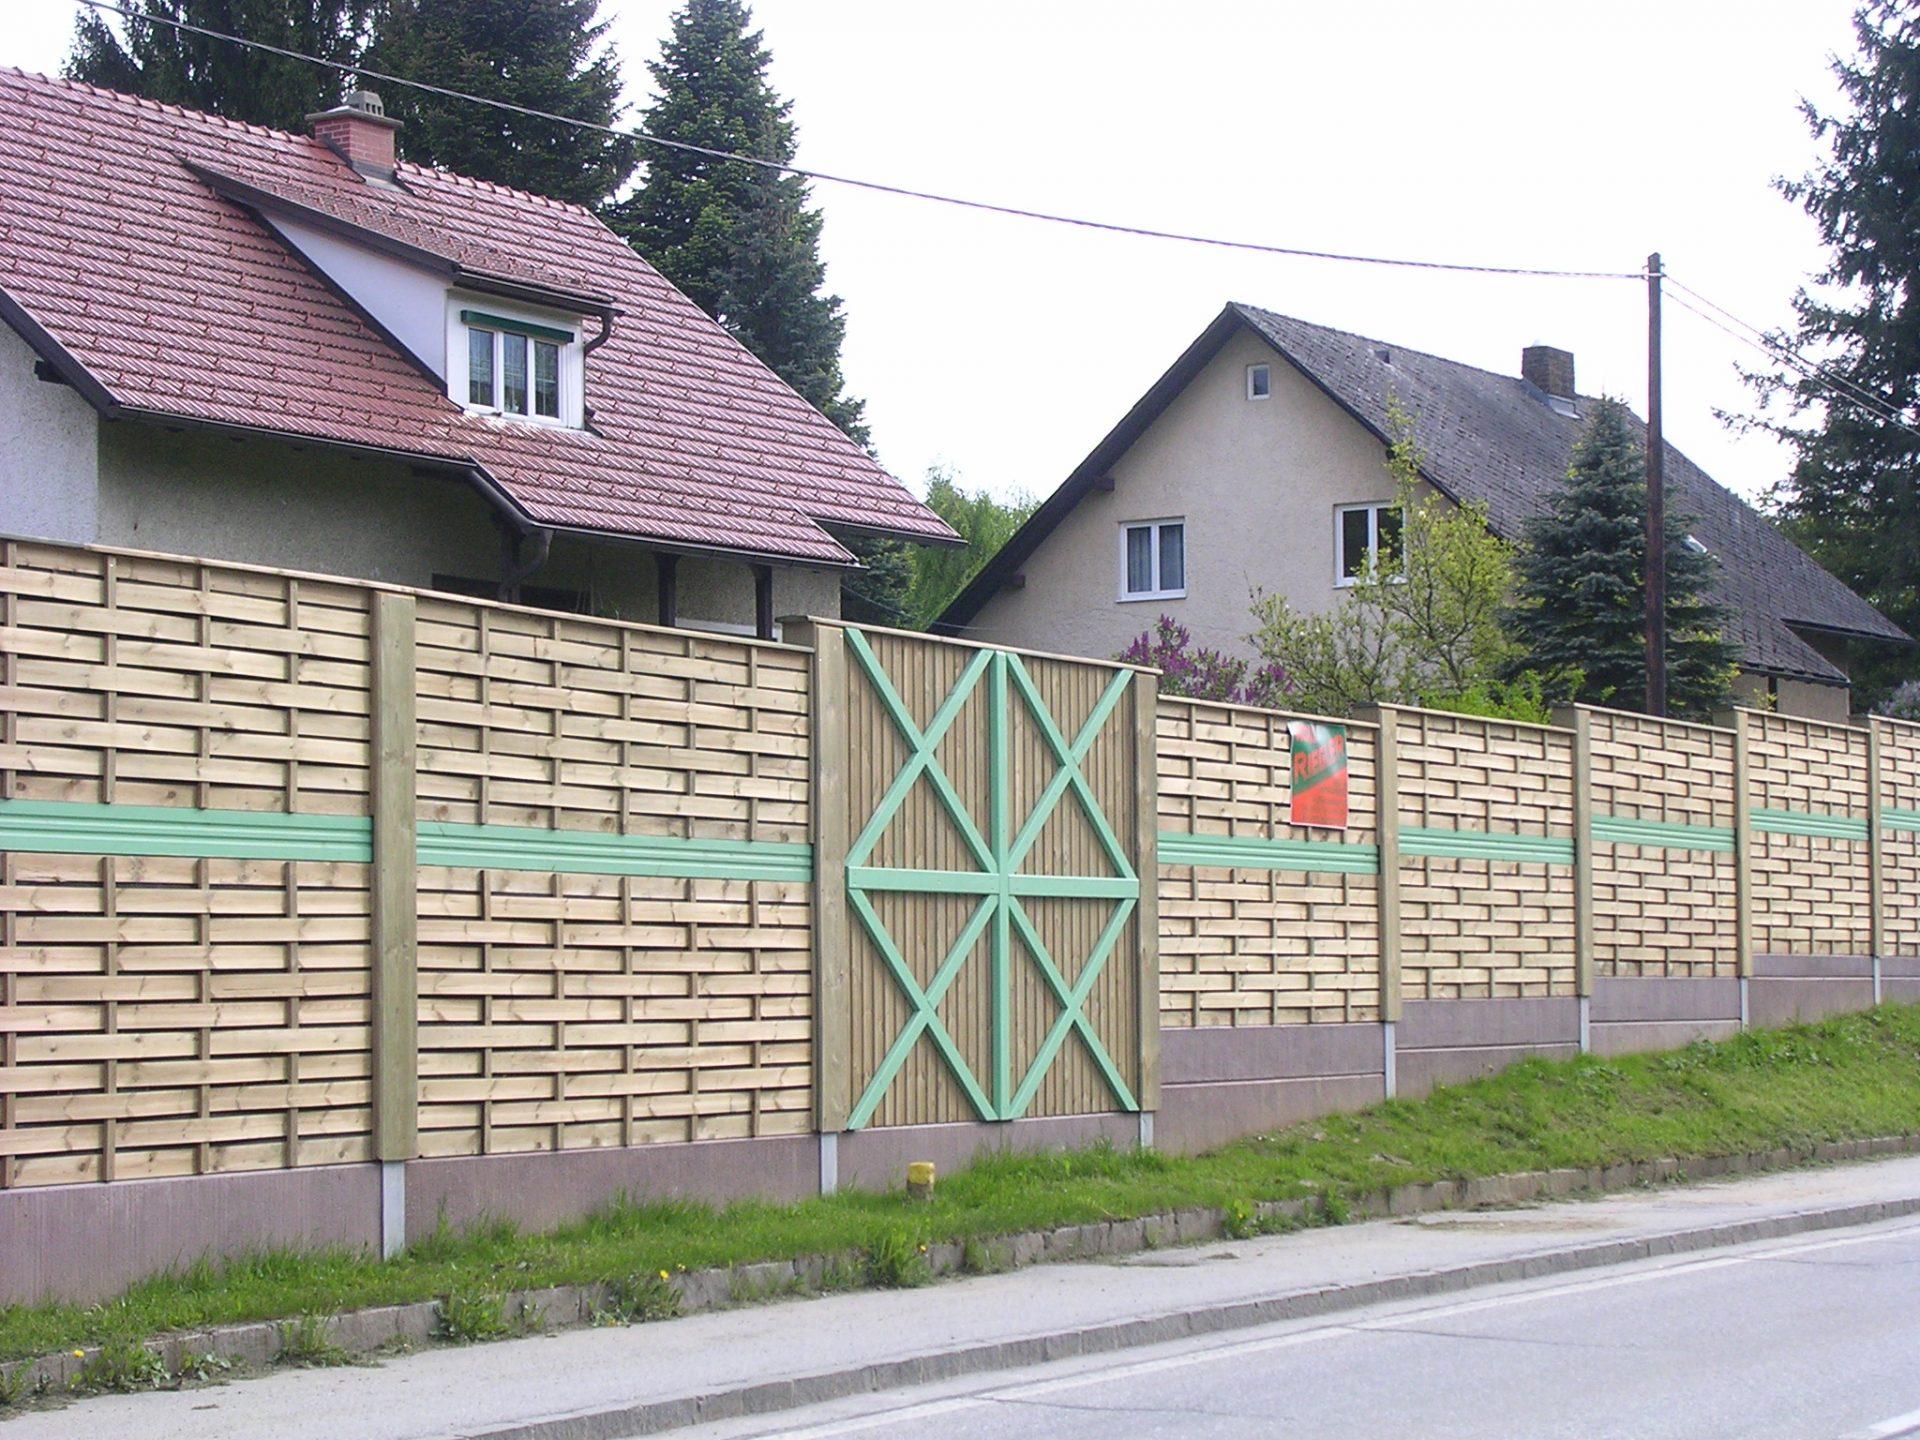 Lärmschutzwand - BST B76 Frauental (2)